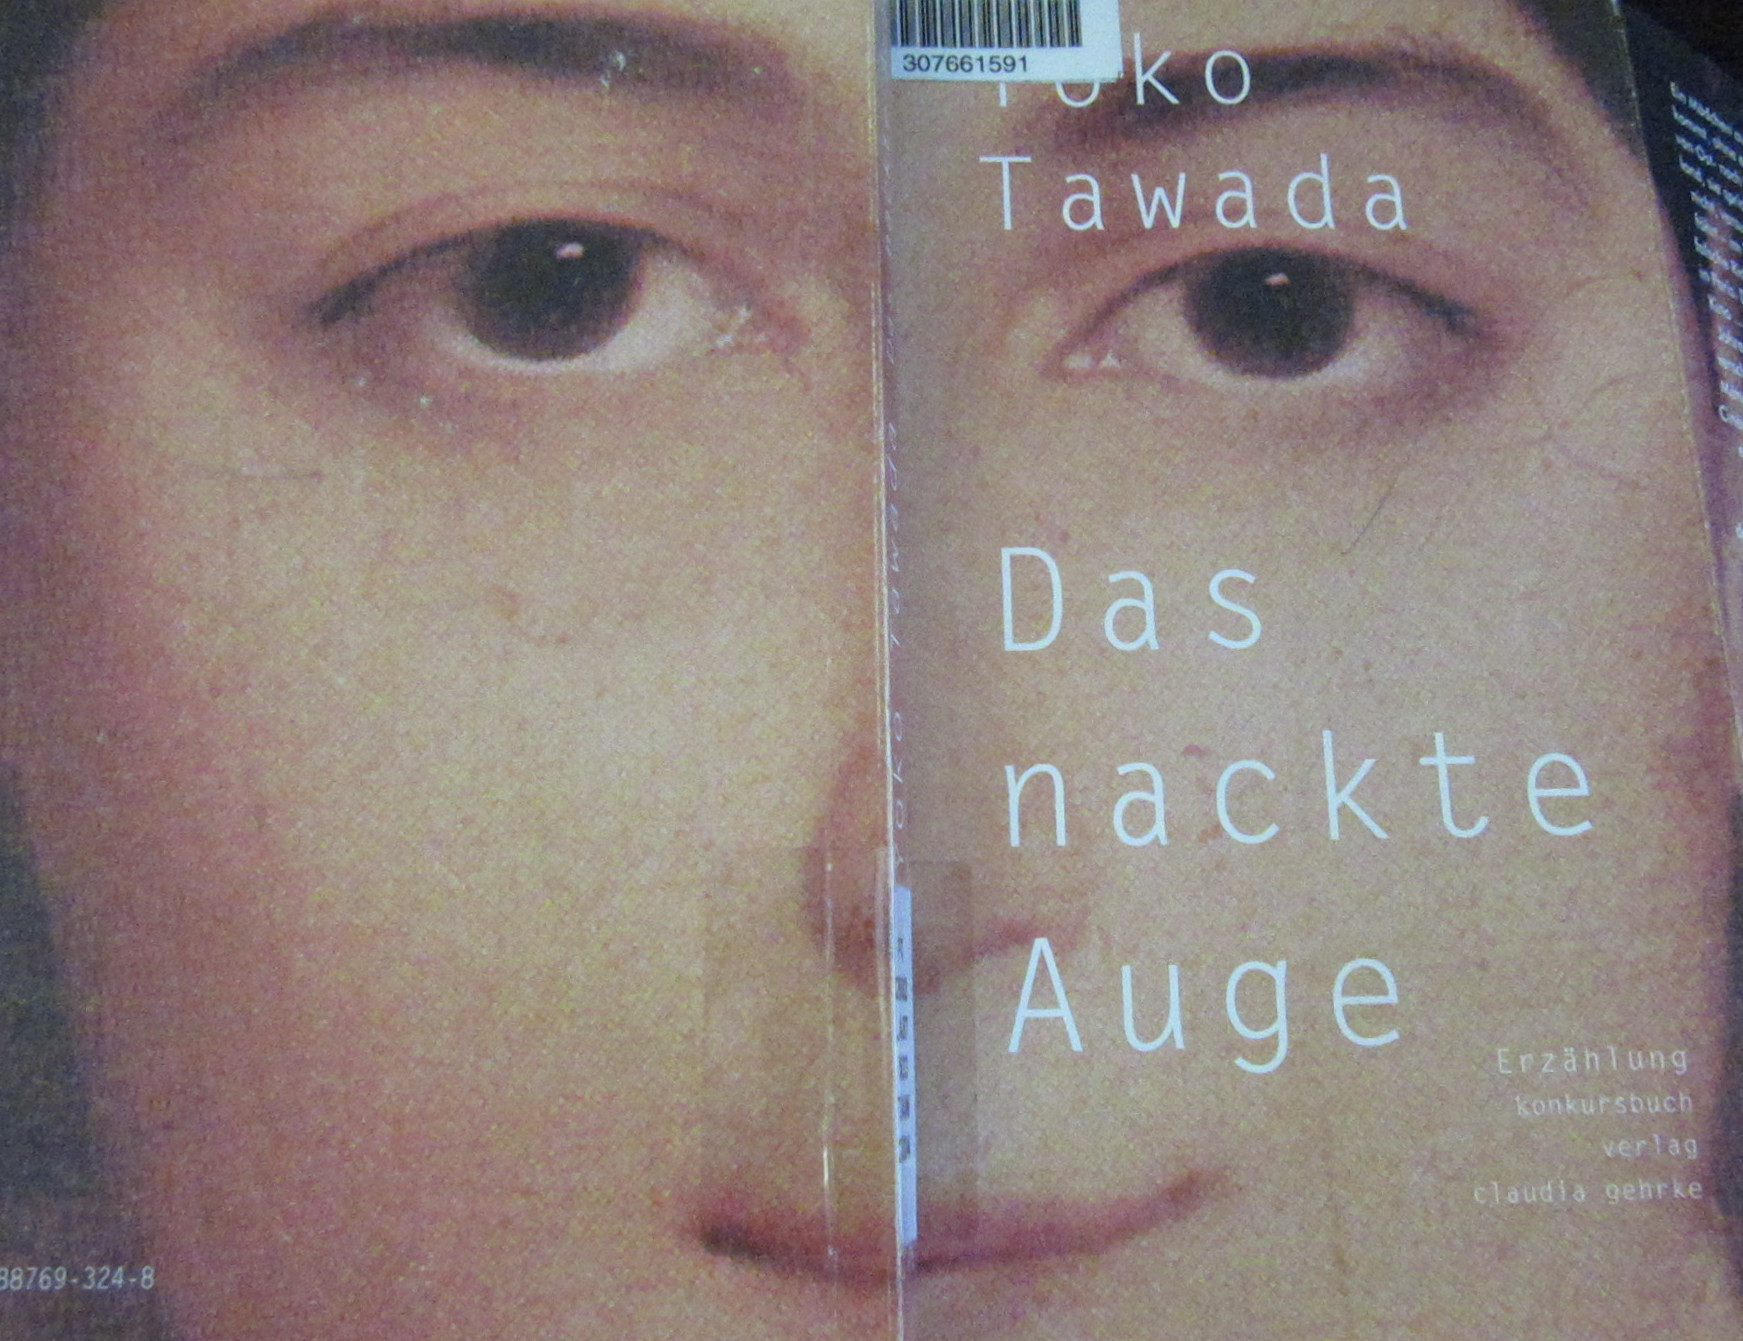 Tawada, Yōko. Das nackte Auge. Tübingen: Konkursbuch Verlag Claudia Gehrke, 2004.